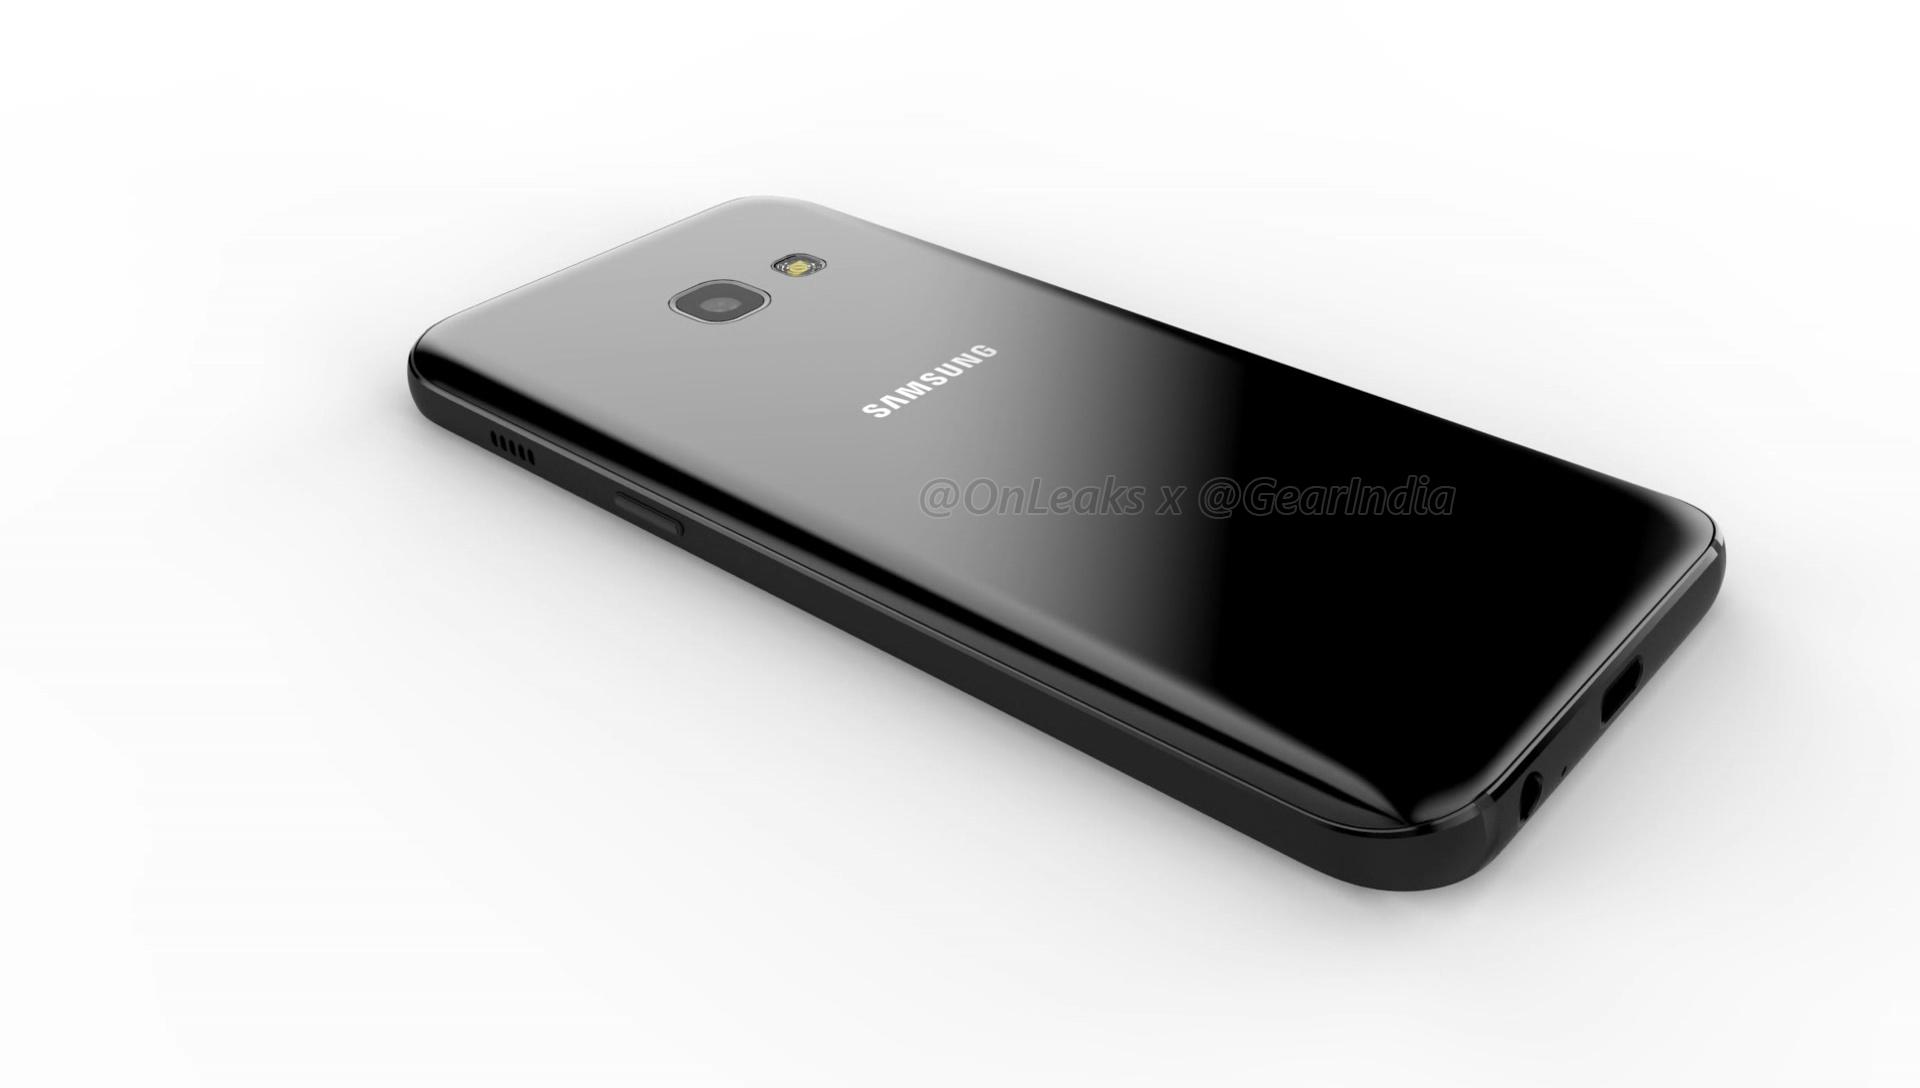 Samsung Galaxy A3, A5 et A7 2017 : la présentation aura lieu en parallèle du CES 2017